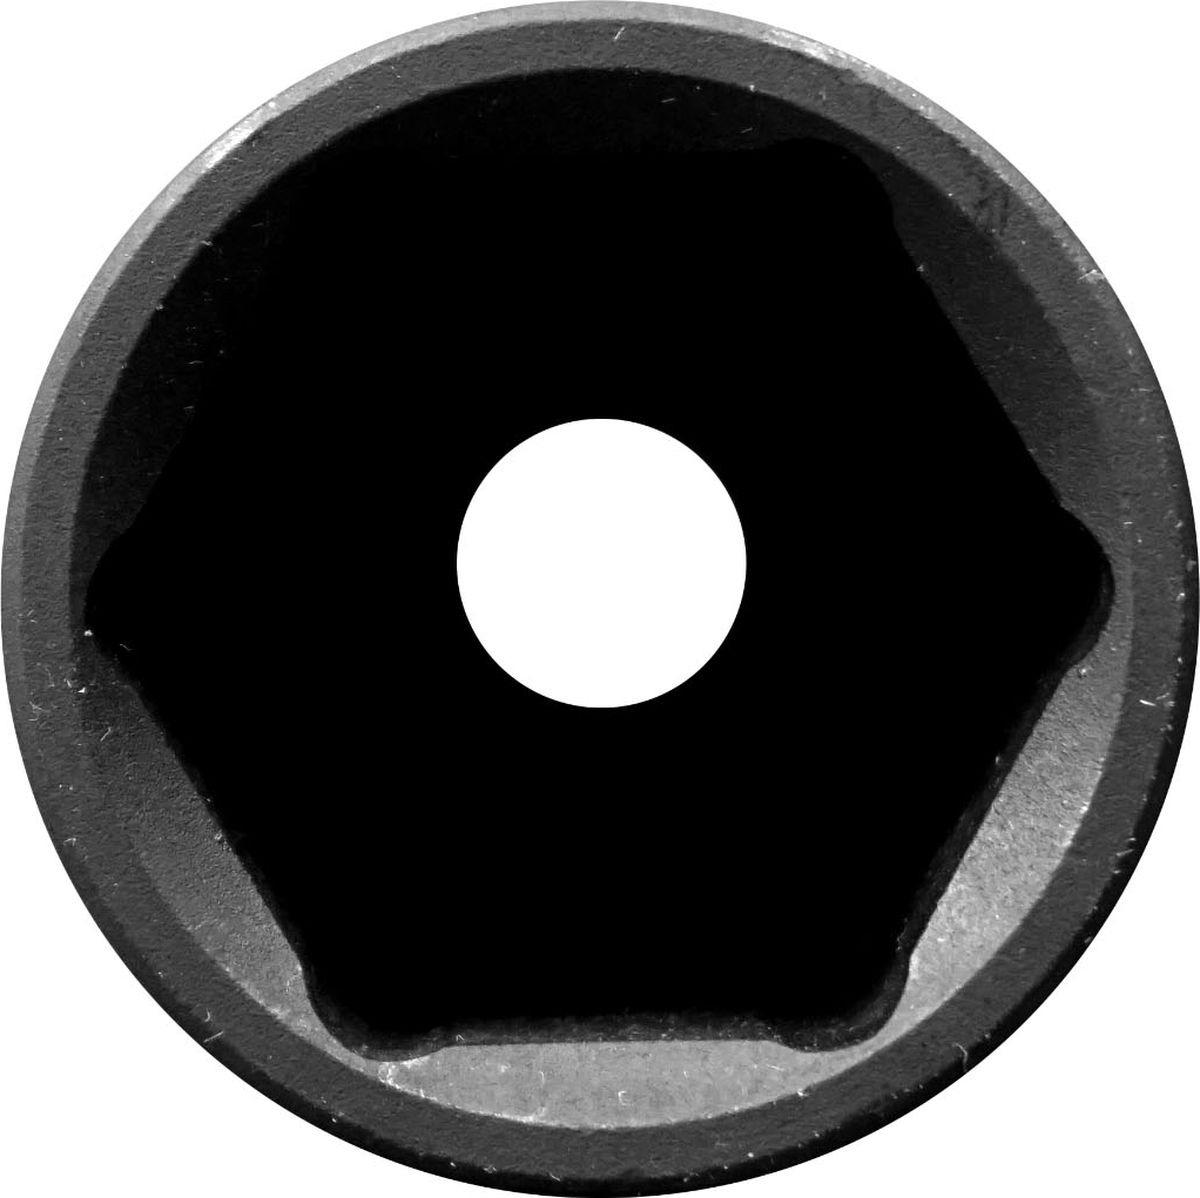 Торцевая головка ударная Berger удлиненная, 1/2, 30 мм, BG2146 торцевая головка ударная berger удлиненная 1 2 30 мм bg2146